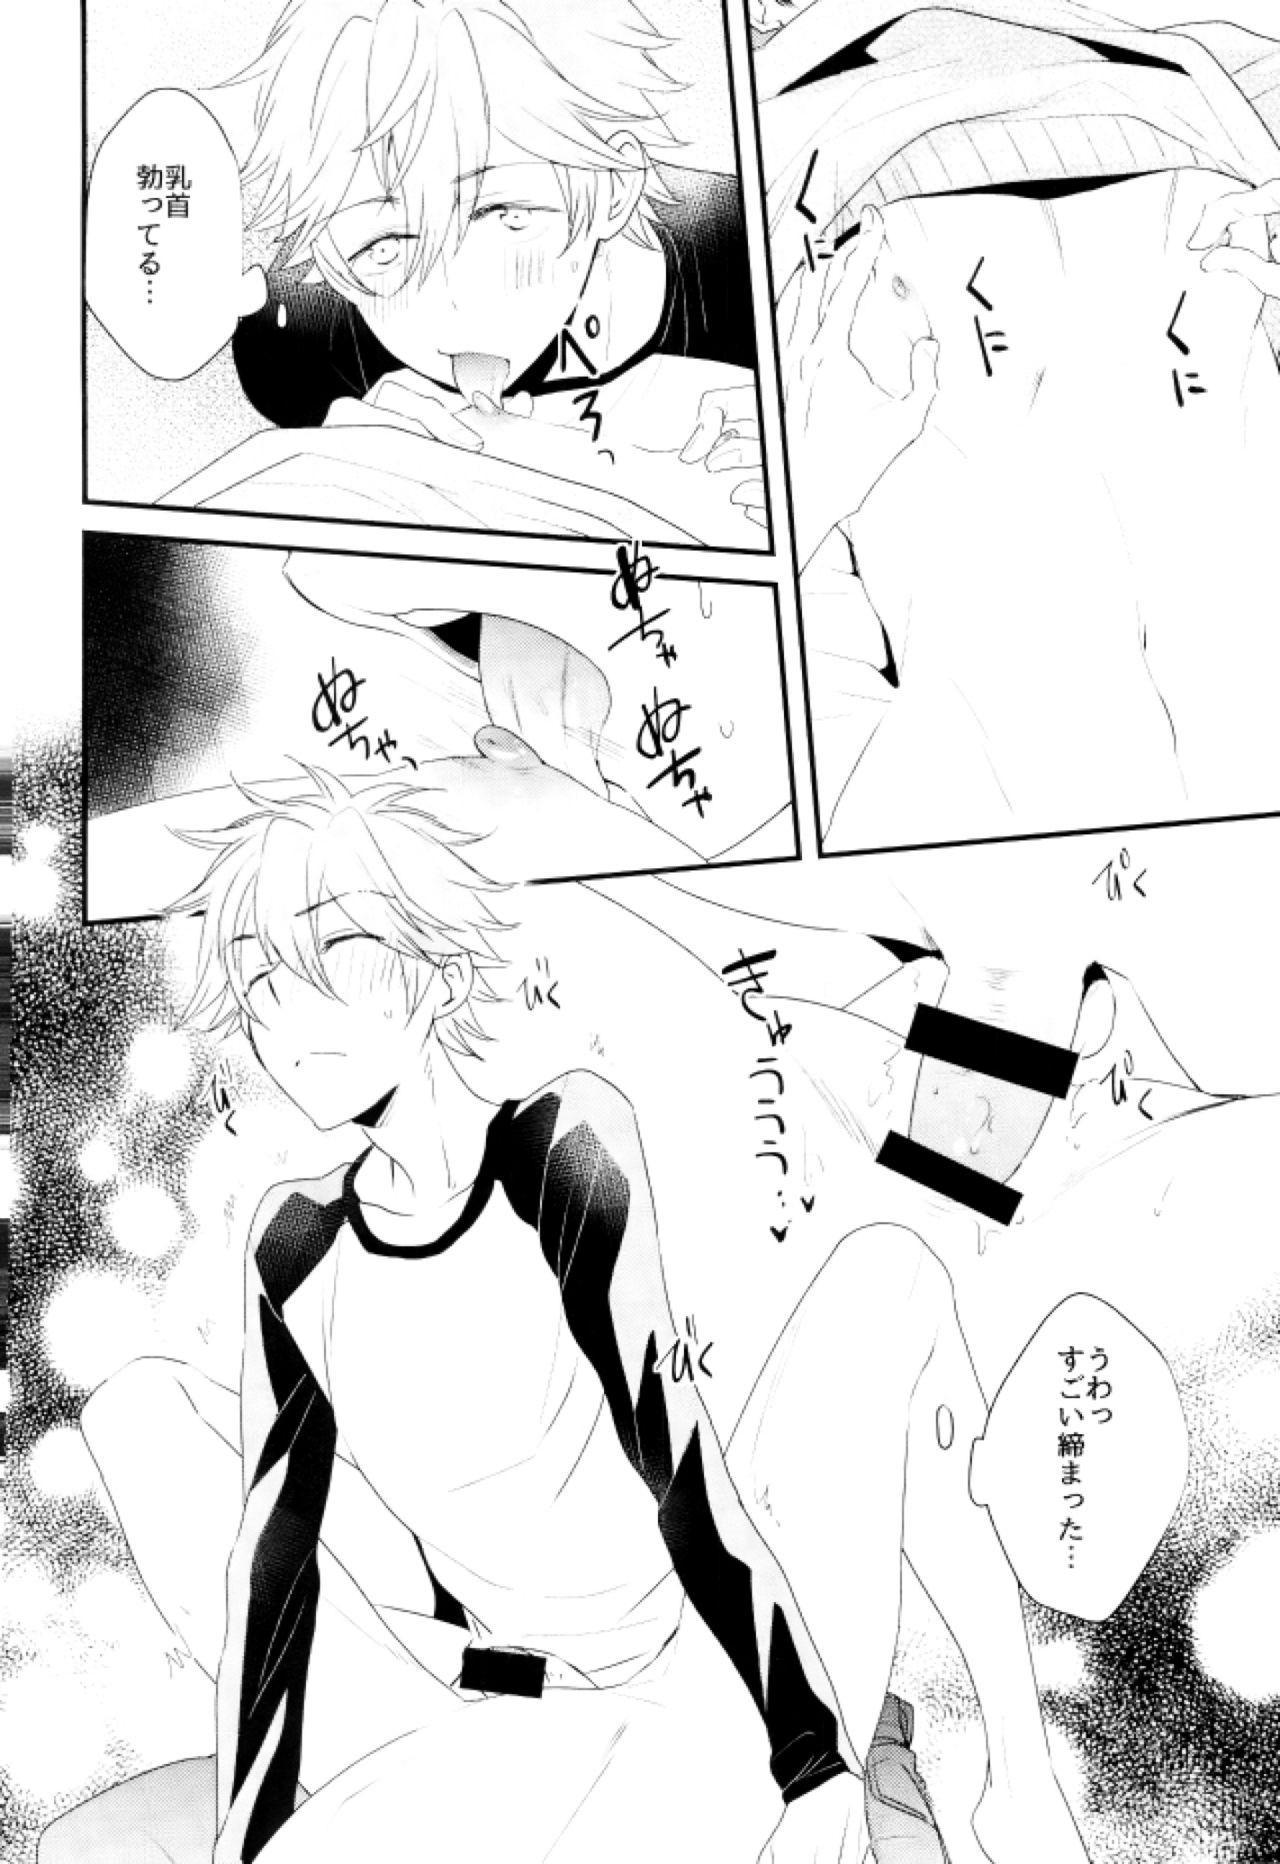 Ore no Kawaii Onaho Senpai 7 10